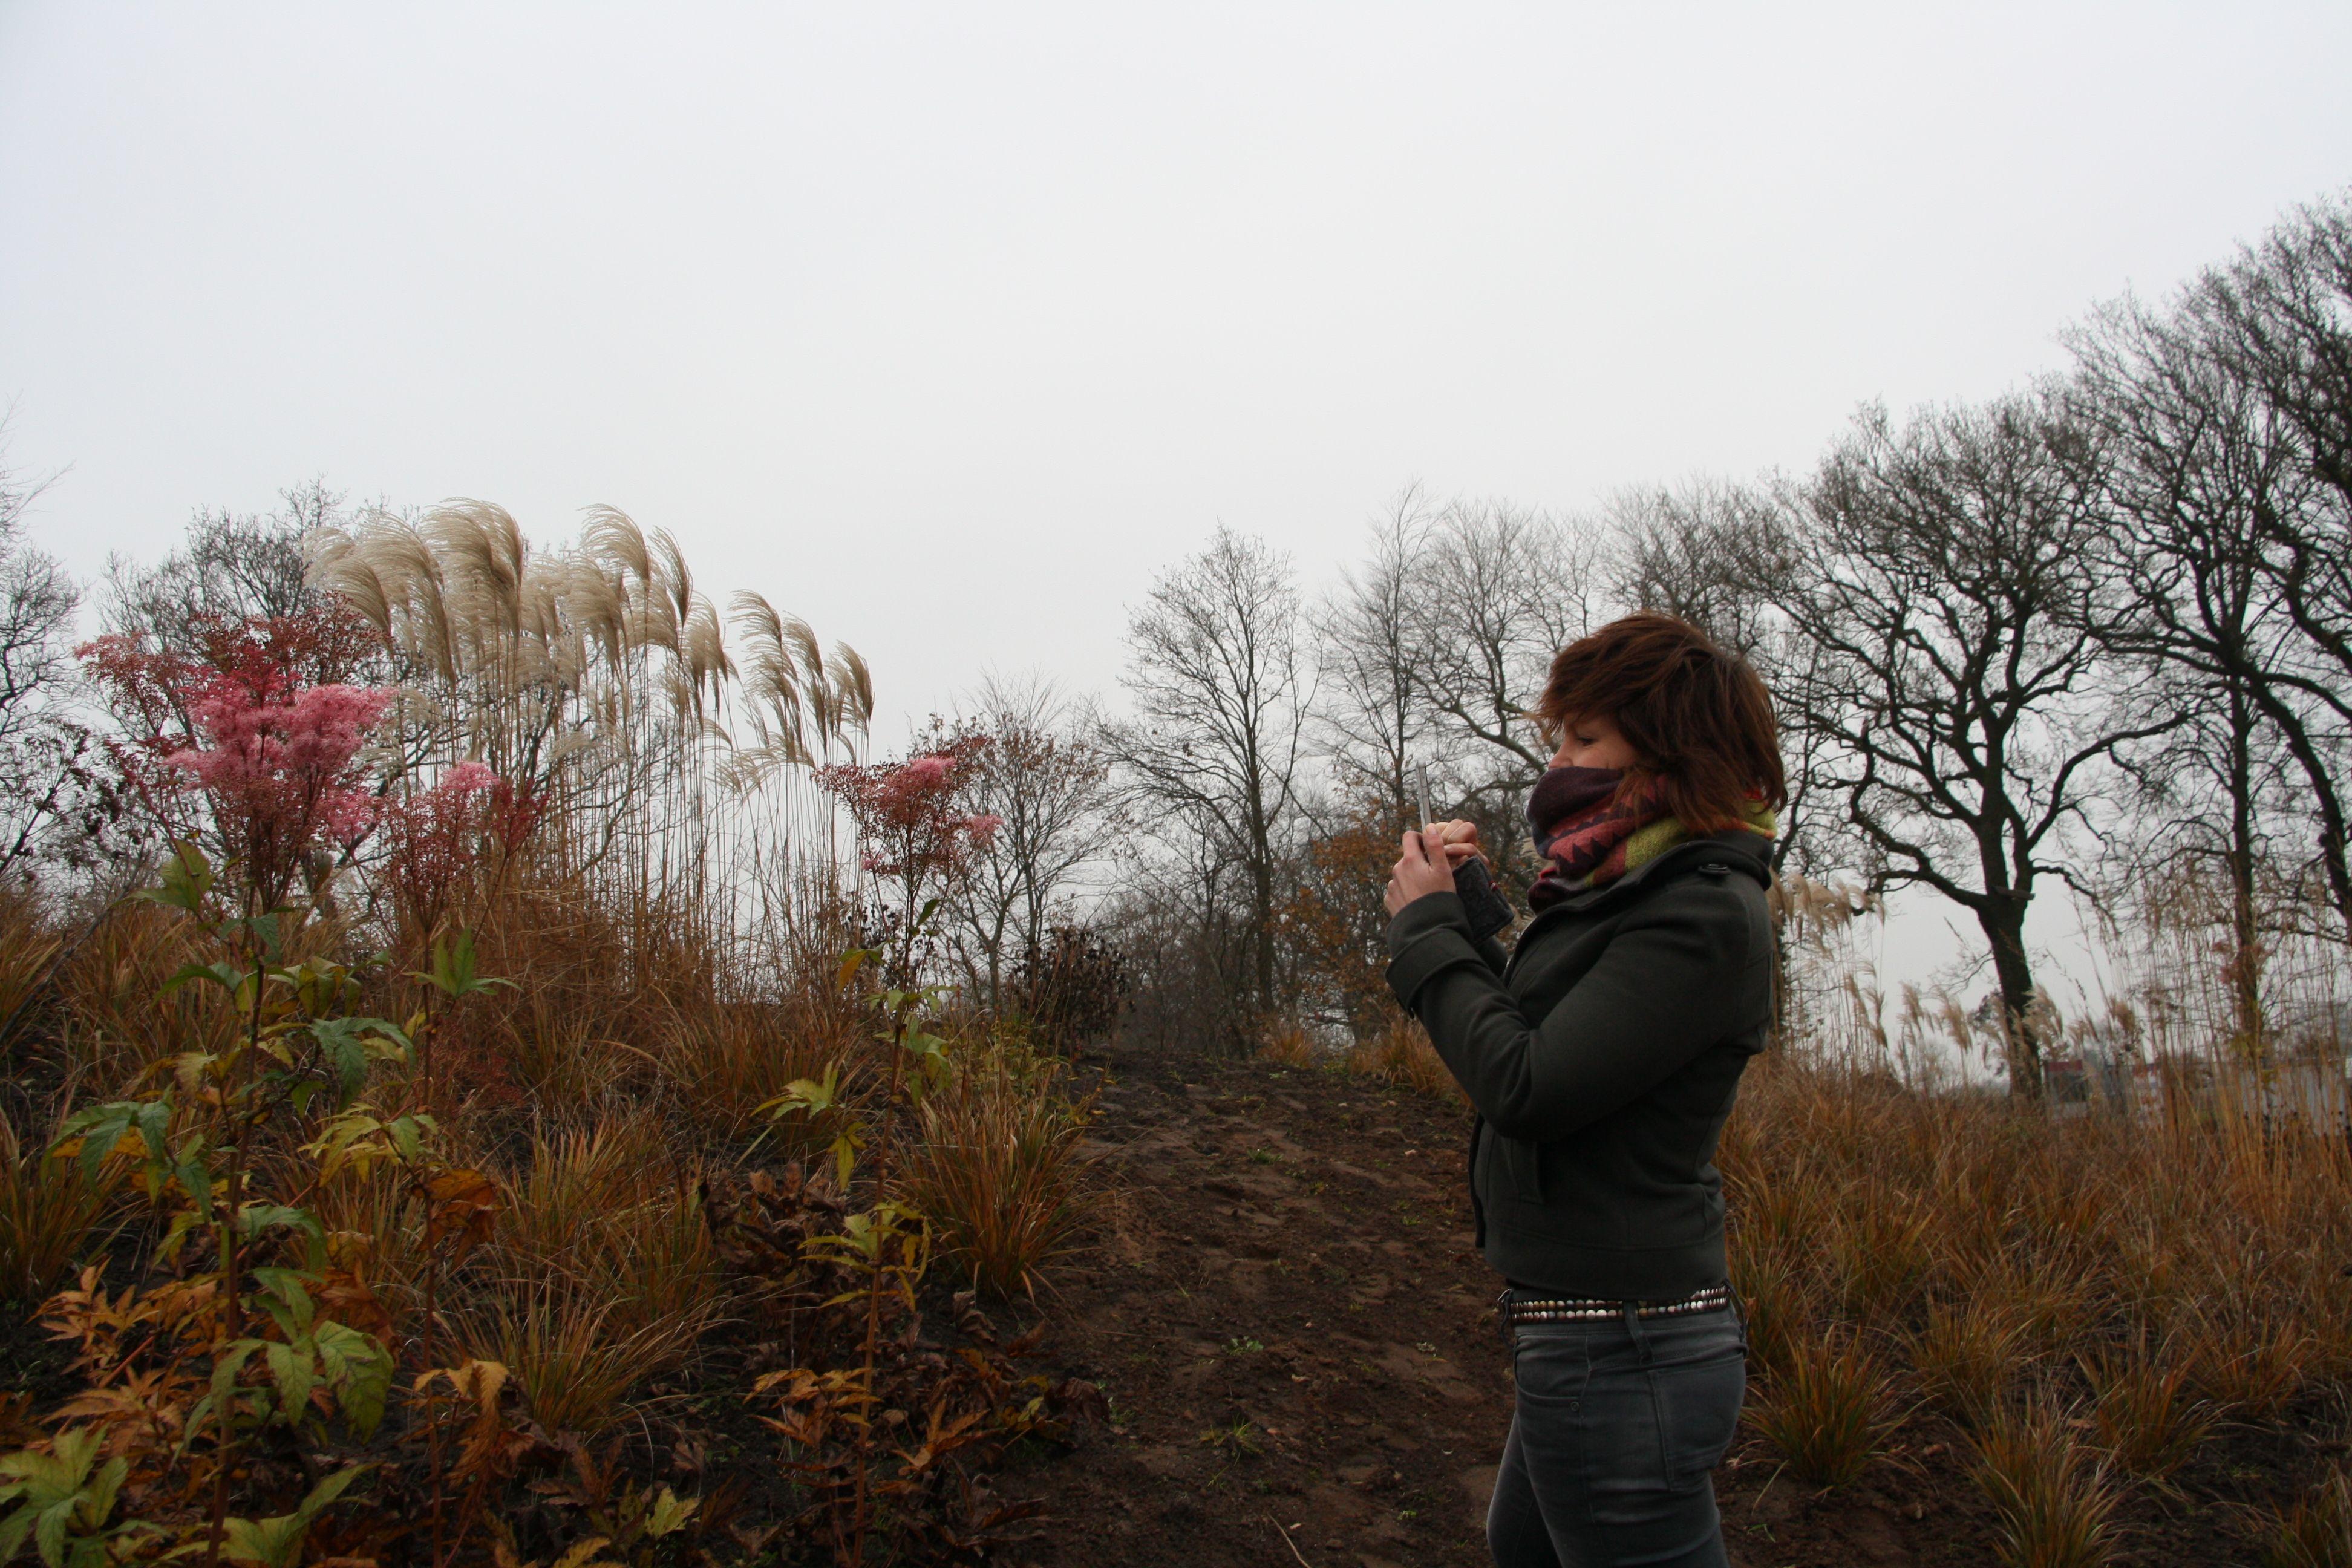 Fotografe Maartje Roos te midden van de heuvels in Frijlân. Ontwerp beplanting Piet Oudolf.